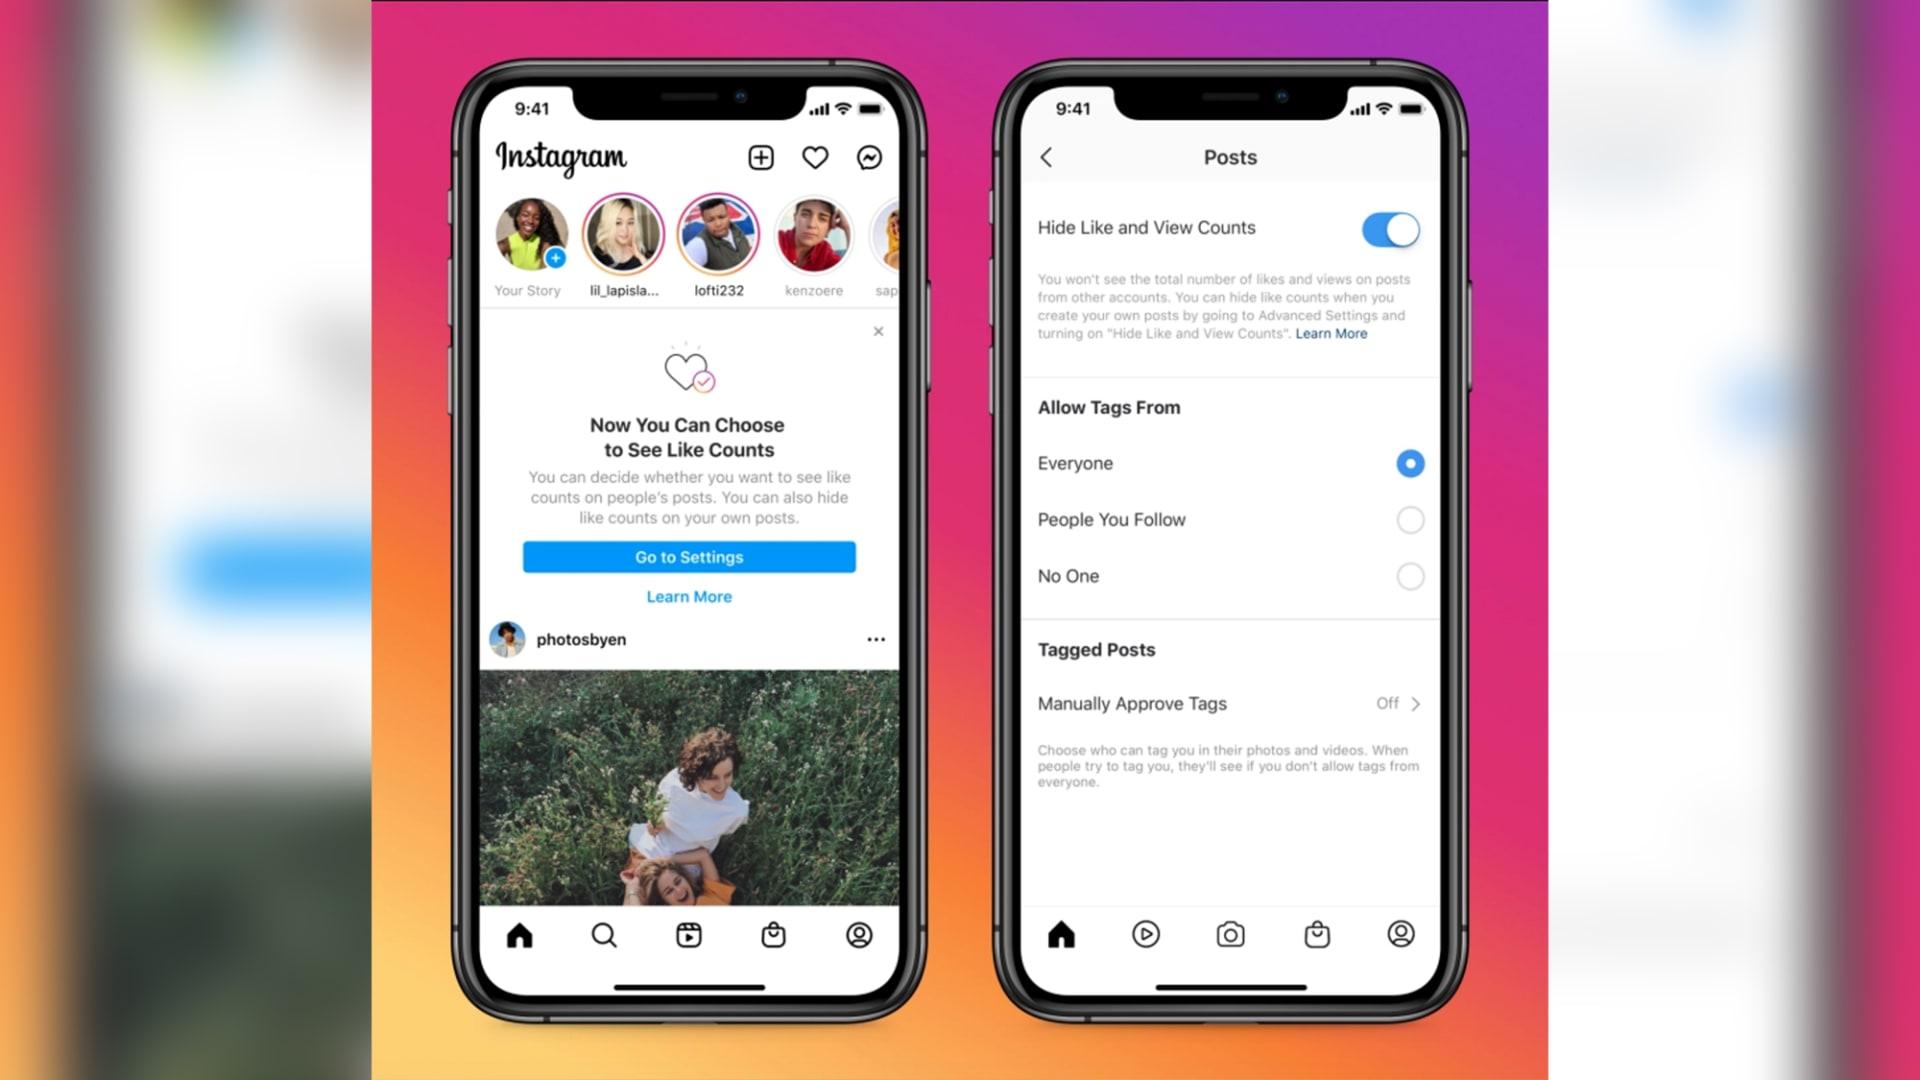 فيسبوك وإنستغرام تتيحان إخفاء الإعجابات لجميع المستخدمين